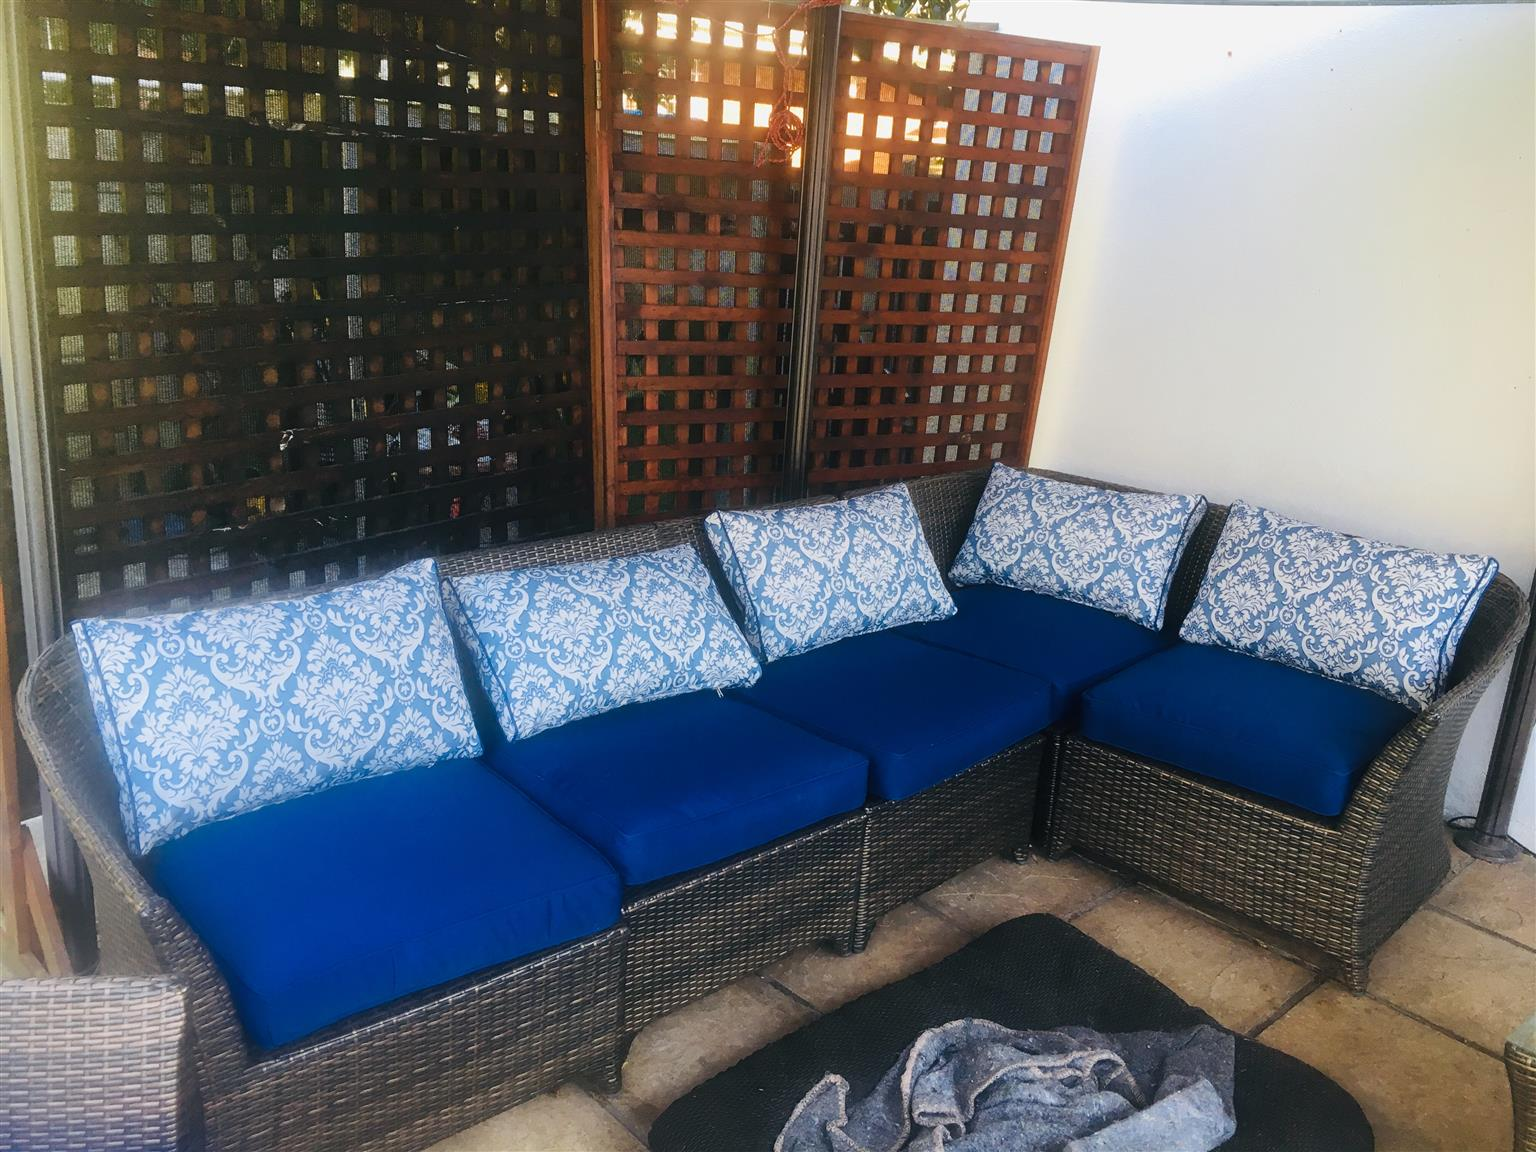 Garden lounger - 6 Seater